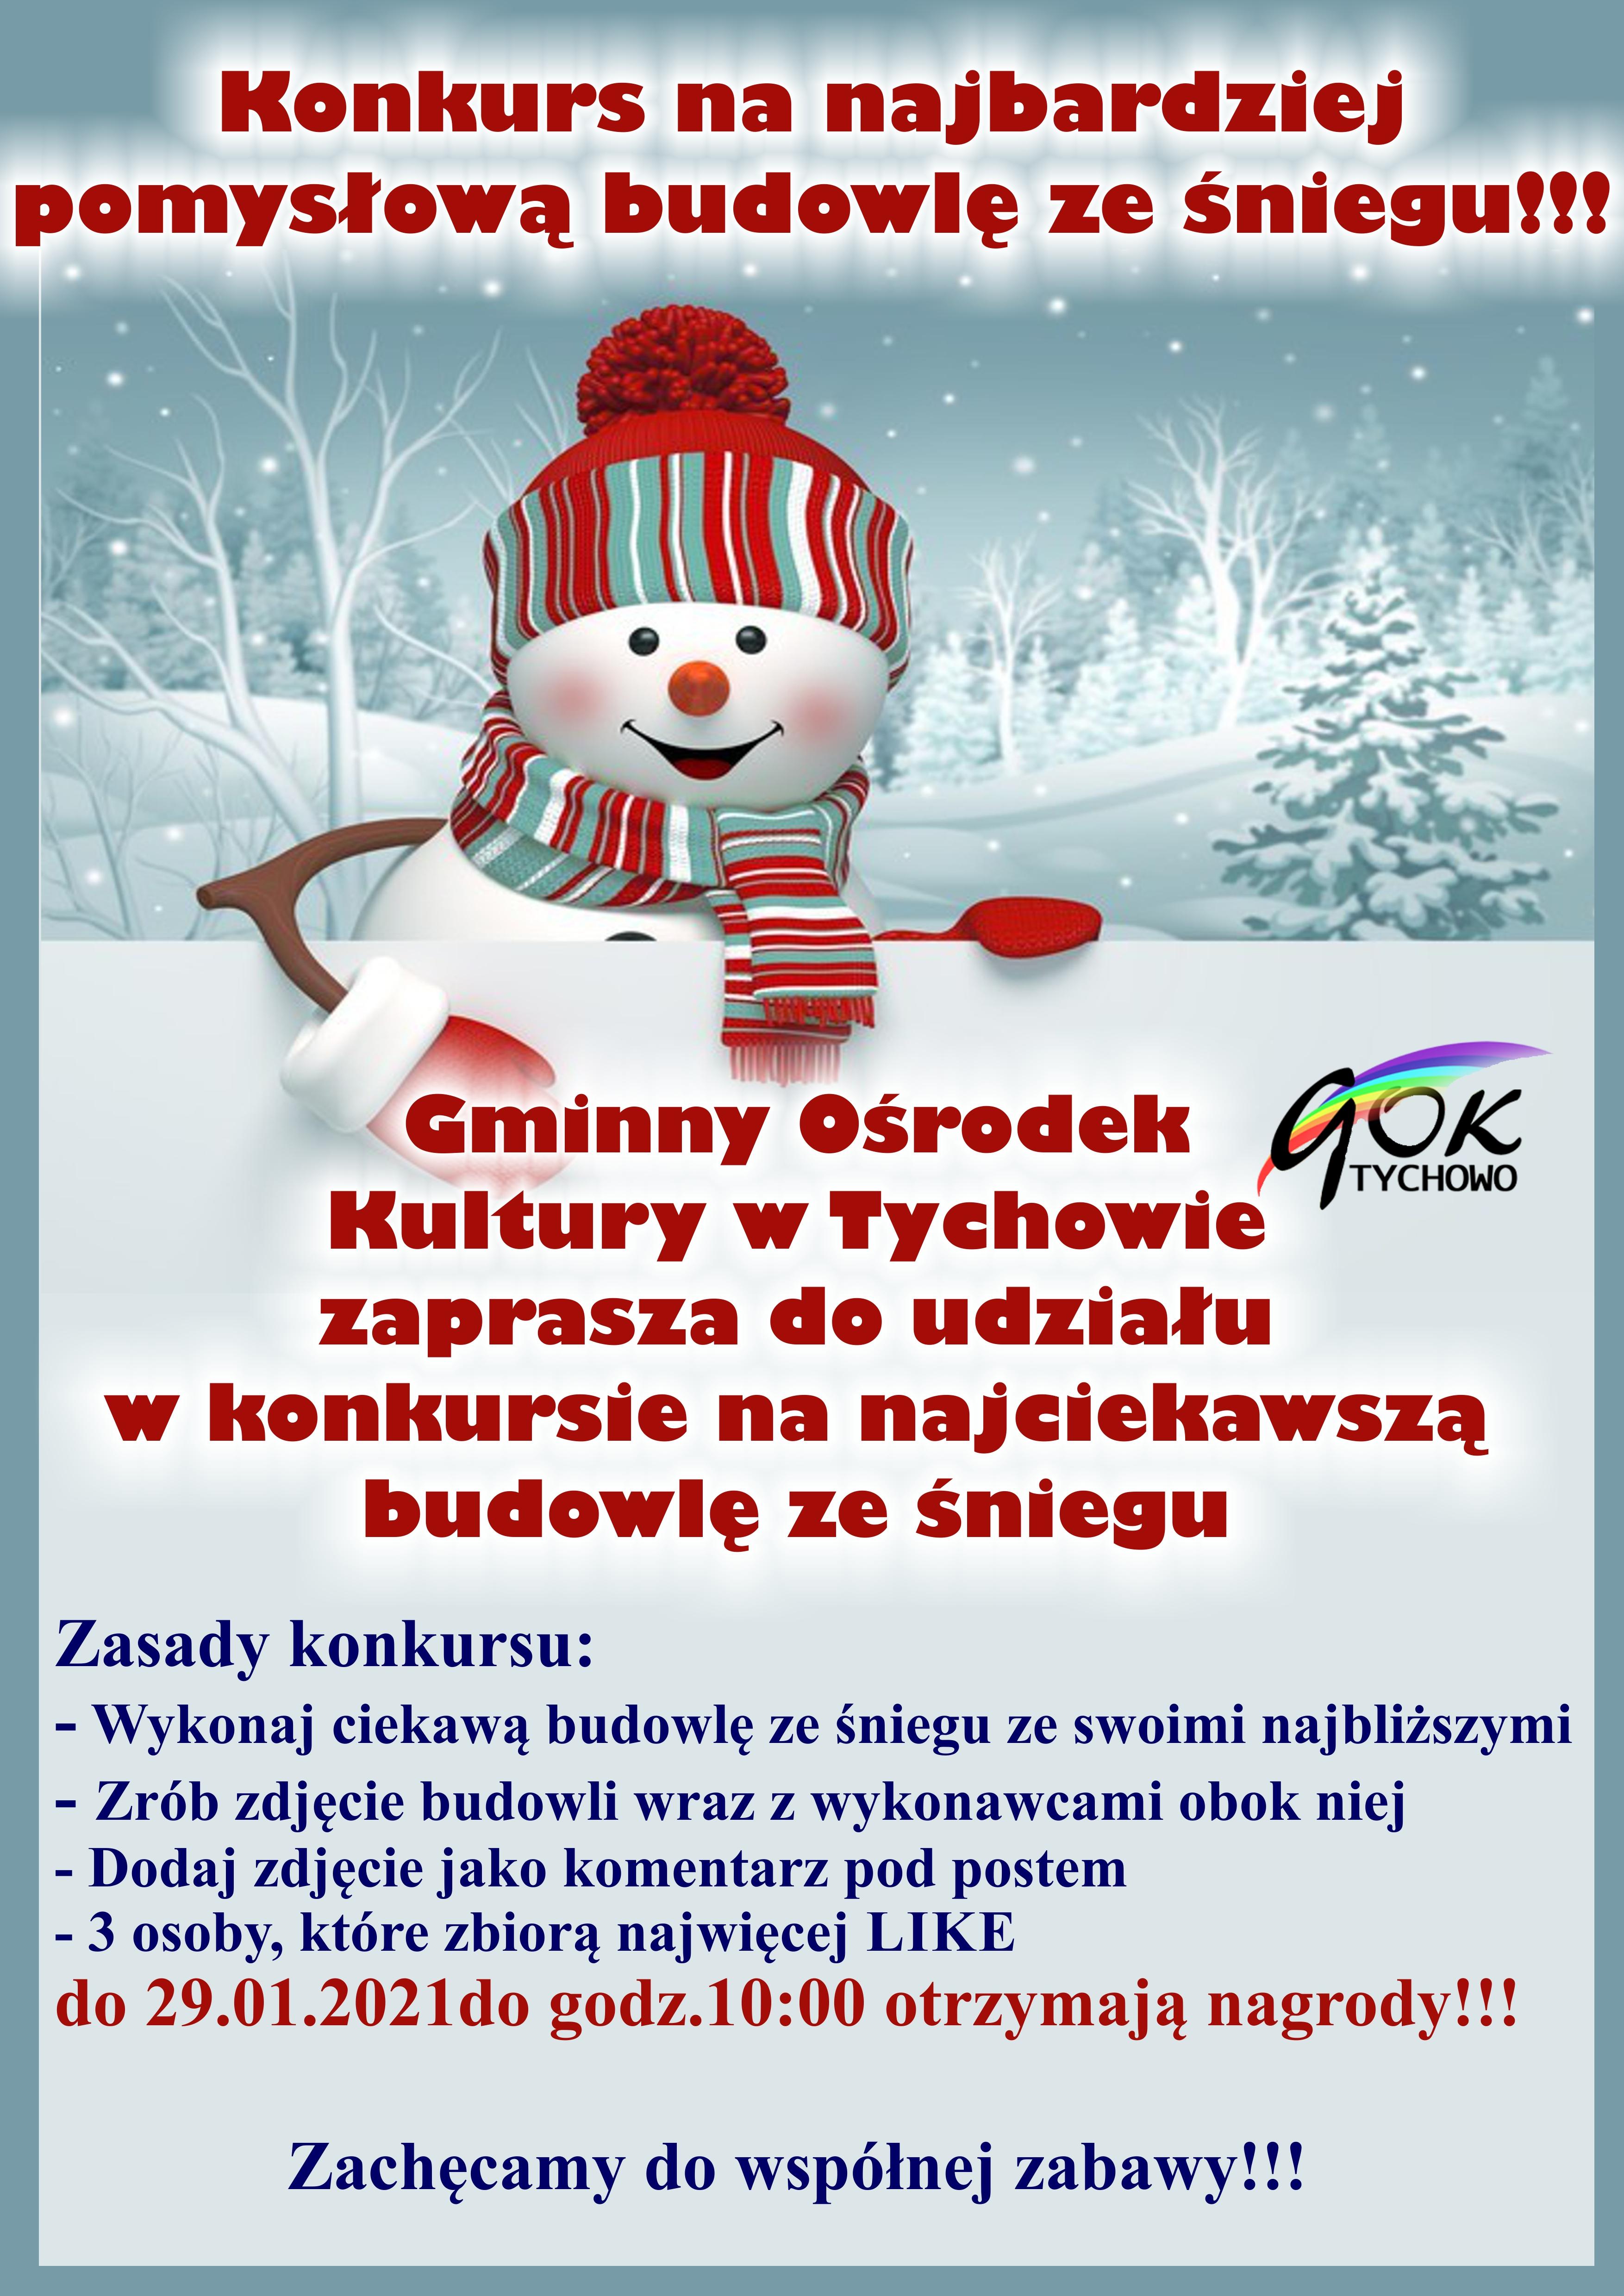 Plakat informujący o konkursie na najbardziej pomysłową budowlę ze śniegu. Zrób budowlę ze śniegu ze swoimi najbliższymi , zrób zdjęcie , wstaw jako komentarz pod postem. Wygra ten co będzie  miał najwięcej LIKE do 29 stycznia 2021r.